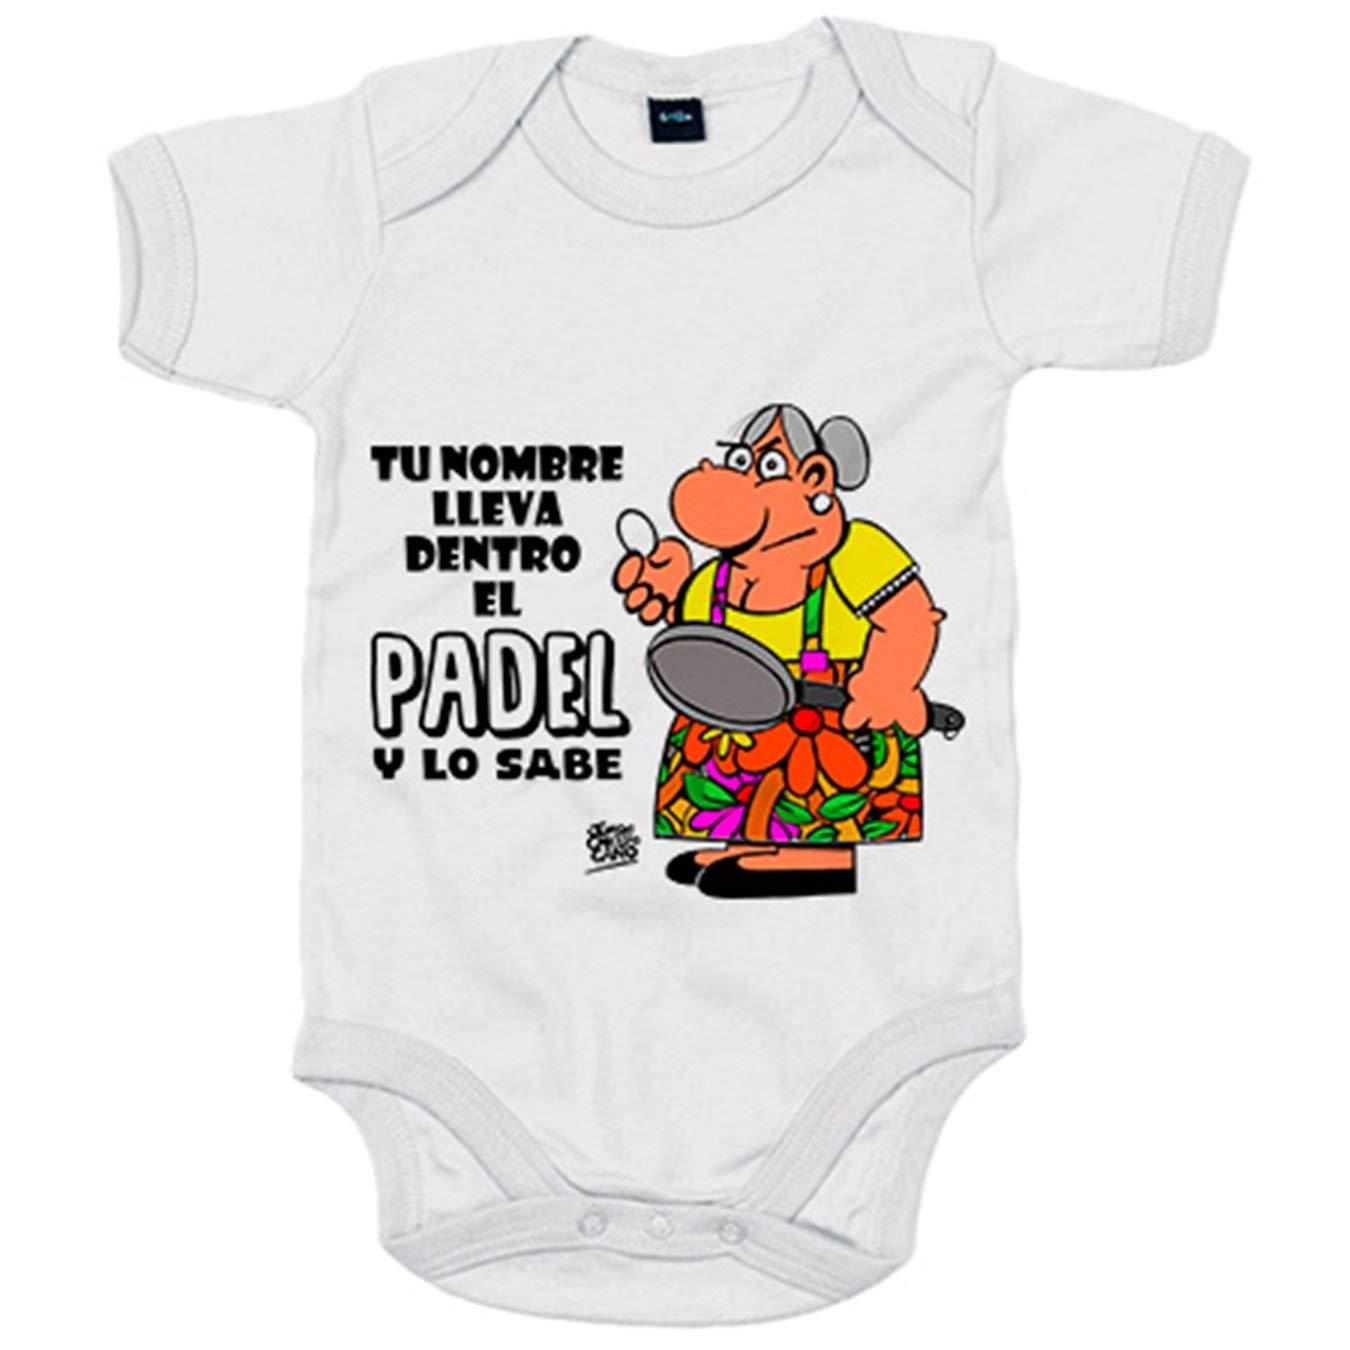 Body bebé llevas dentro el Padel y lo sabes personalizable con ...